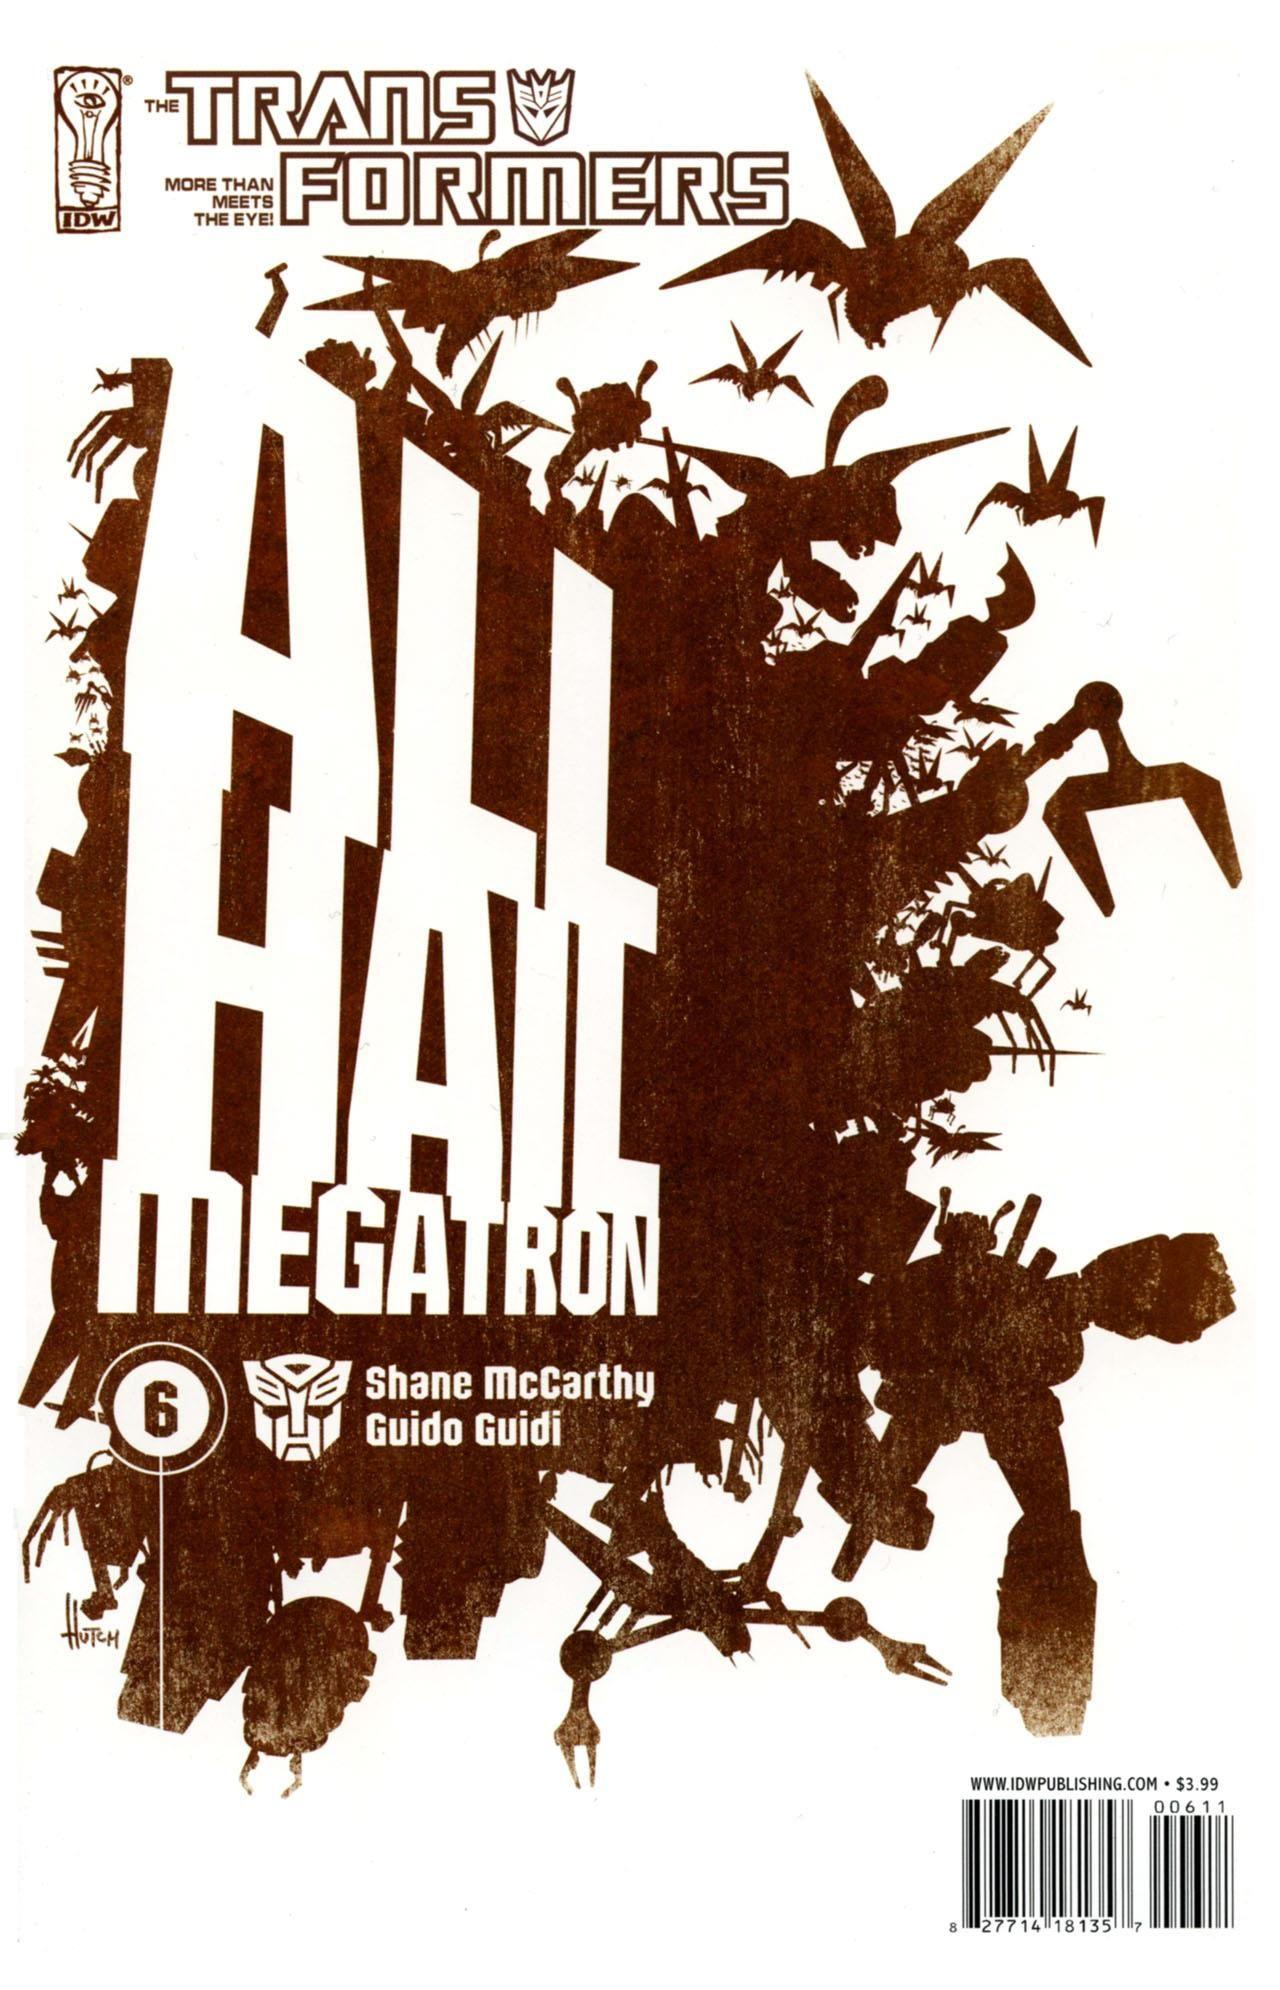 Cover B: Trevor Hucthison